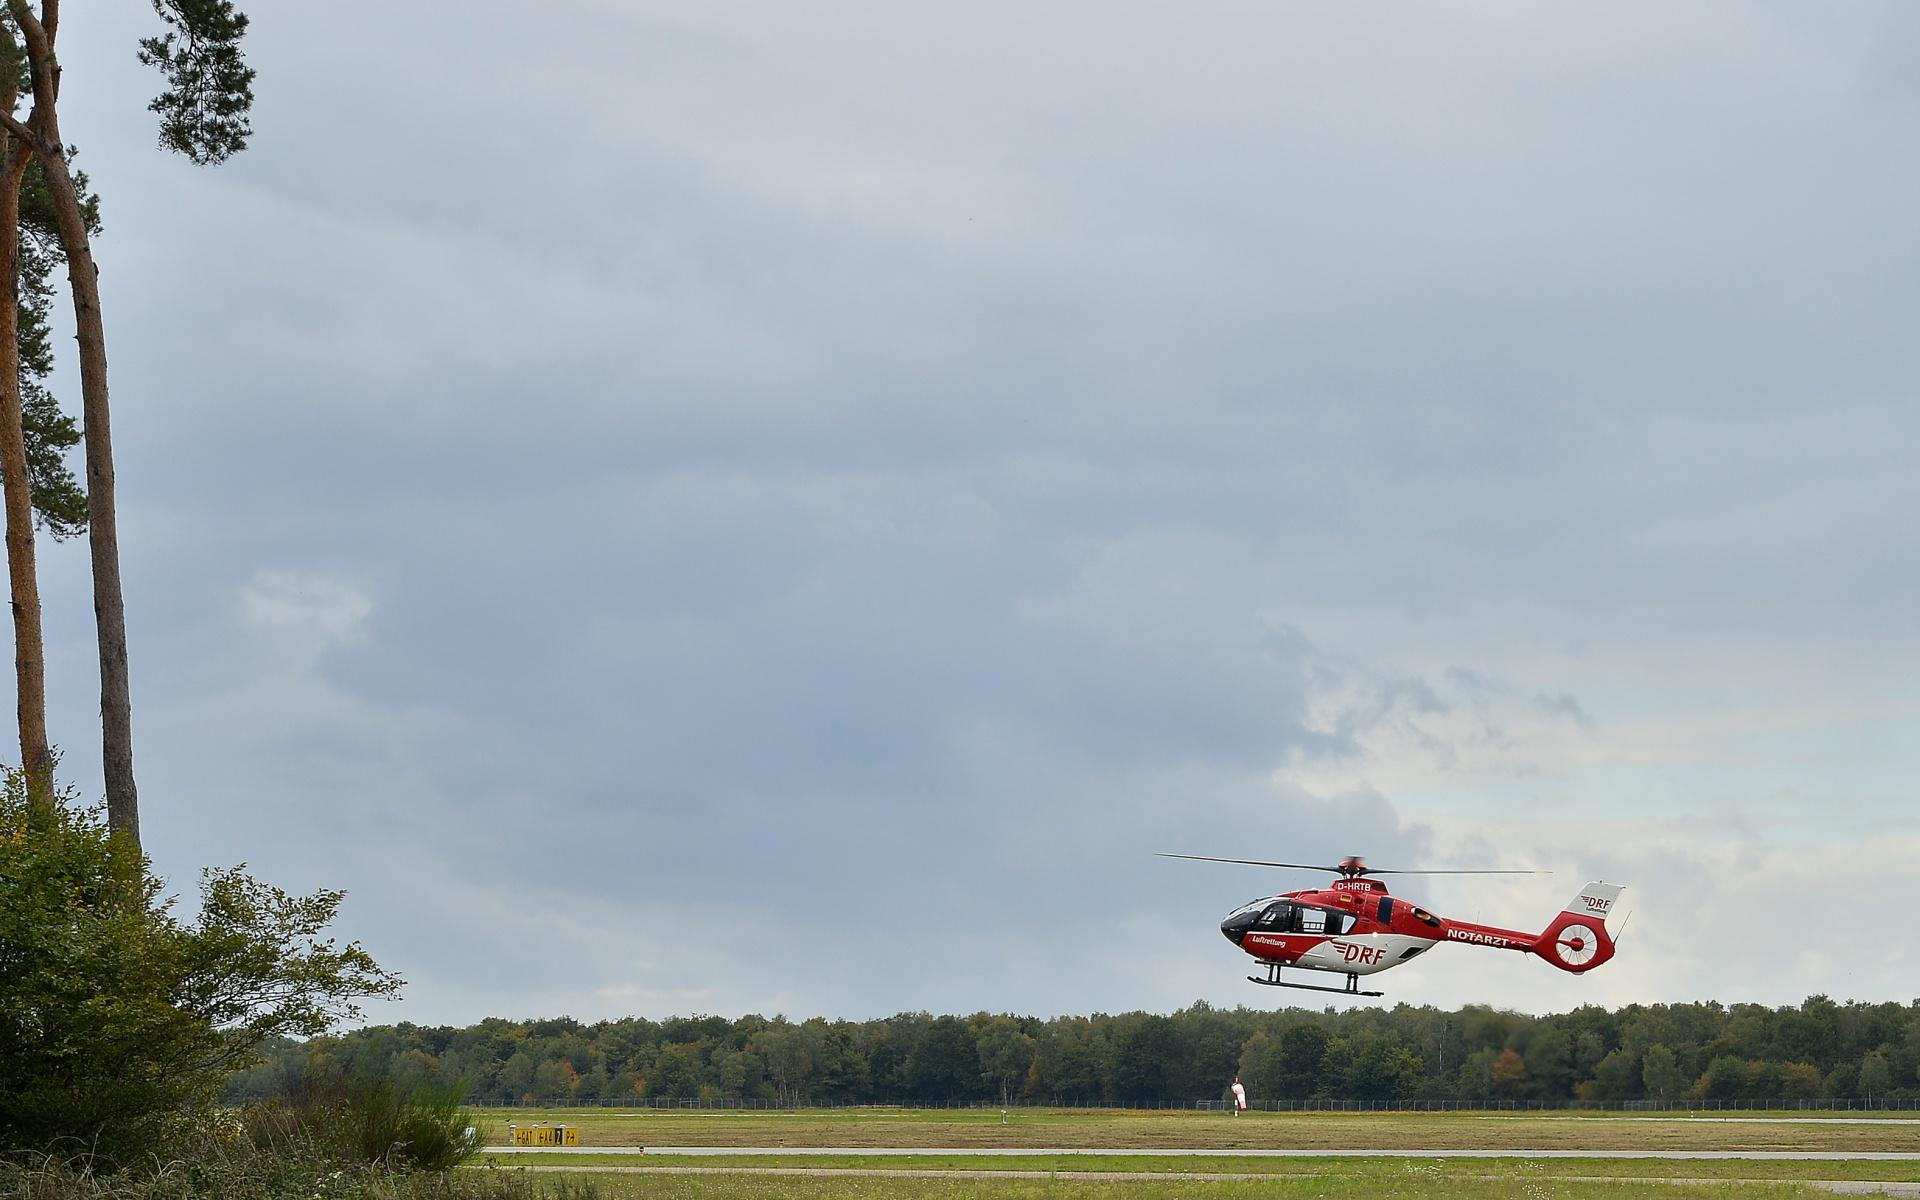 """Mit den modernen Hubschraubern werden im praktischen Teil des """"Differences Trainings"""" auch Notverfahren wie die Landung mit nur einem Triebwerk geübt. Diese ist wie bei allen in der Flotte befindlichen Hubschraubern der DRF Luftrettung gefahrlos möglich."""